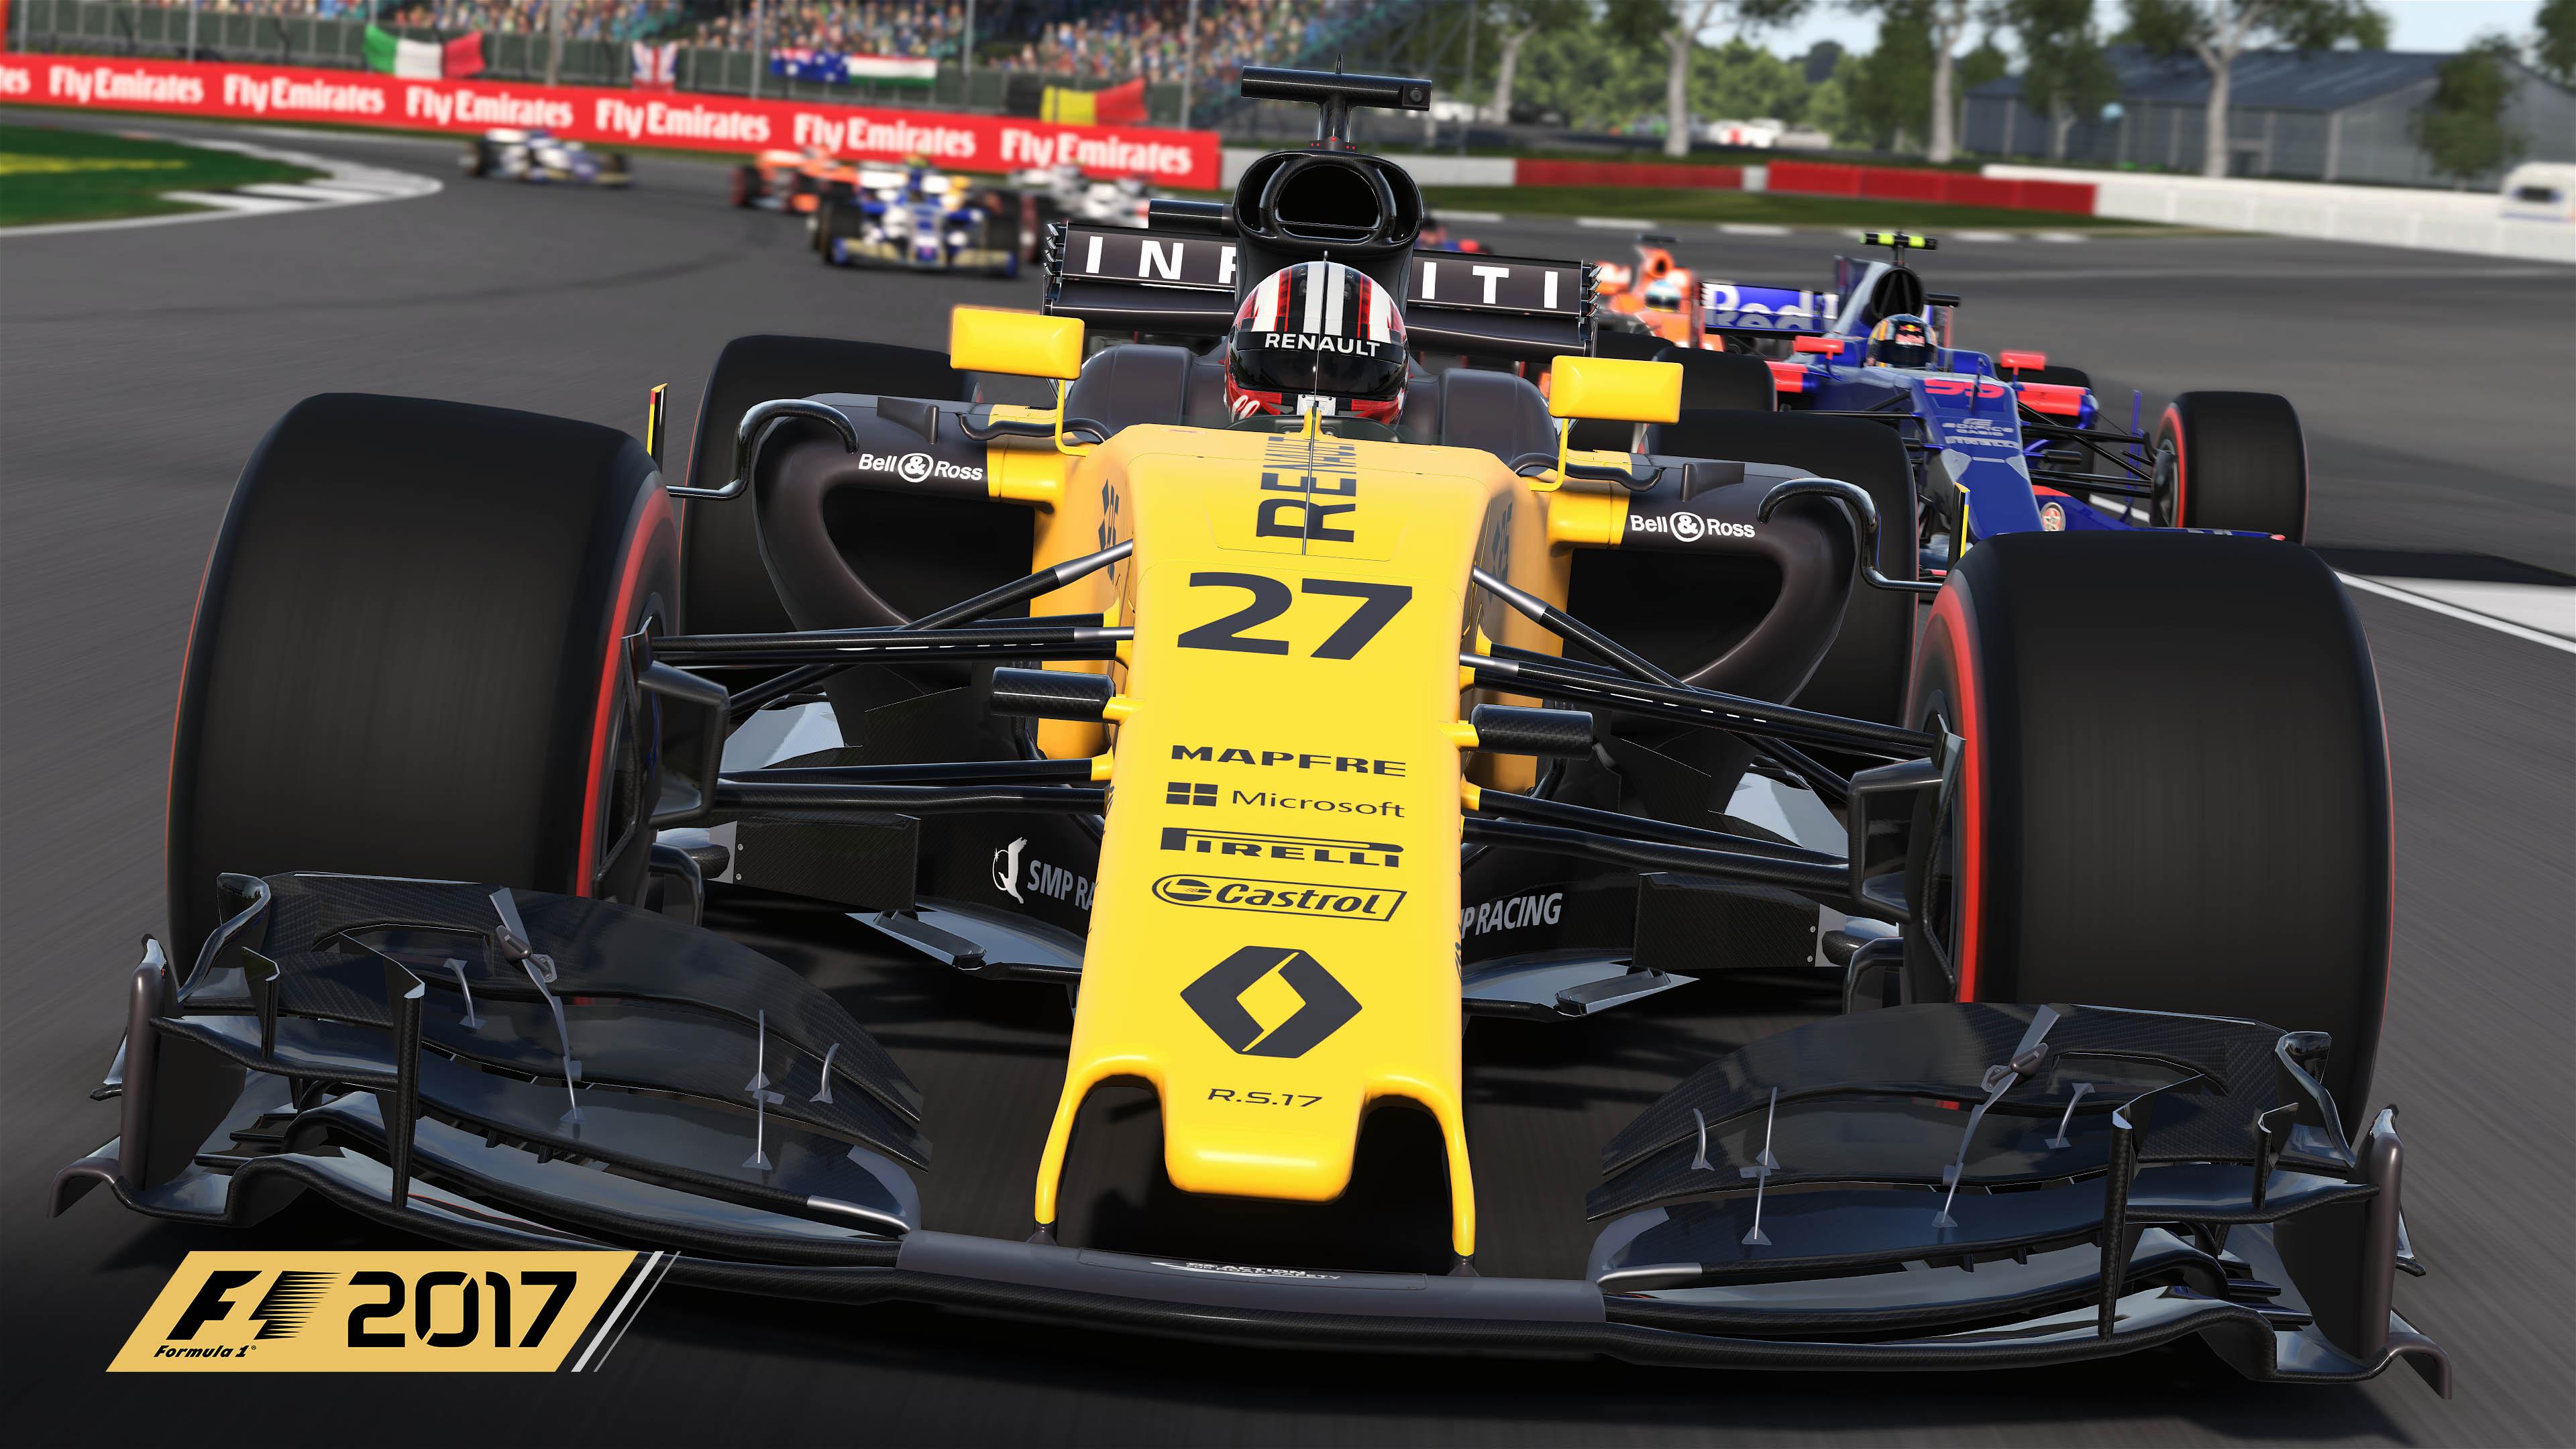 F1 2017 Update 1.jpg